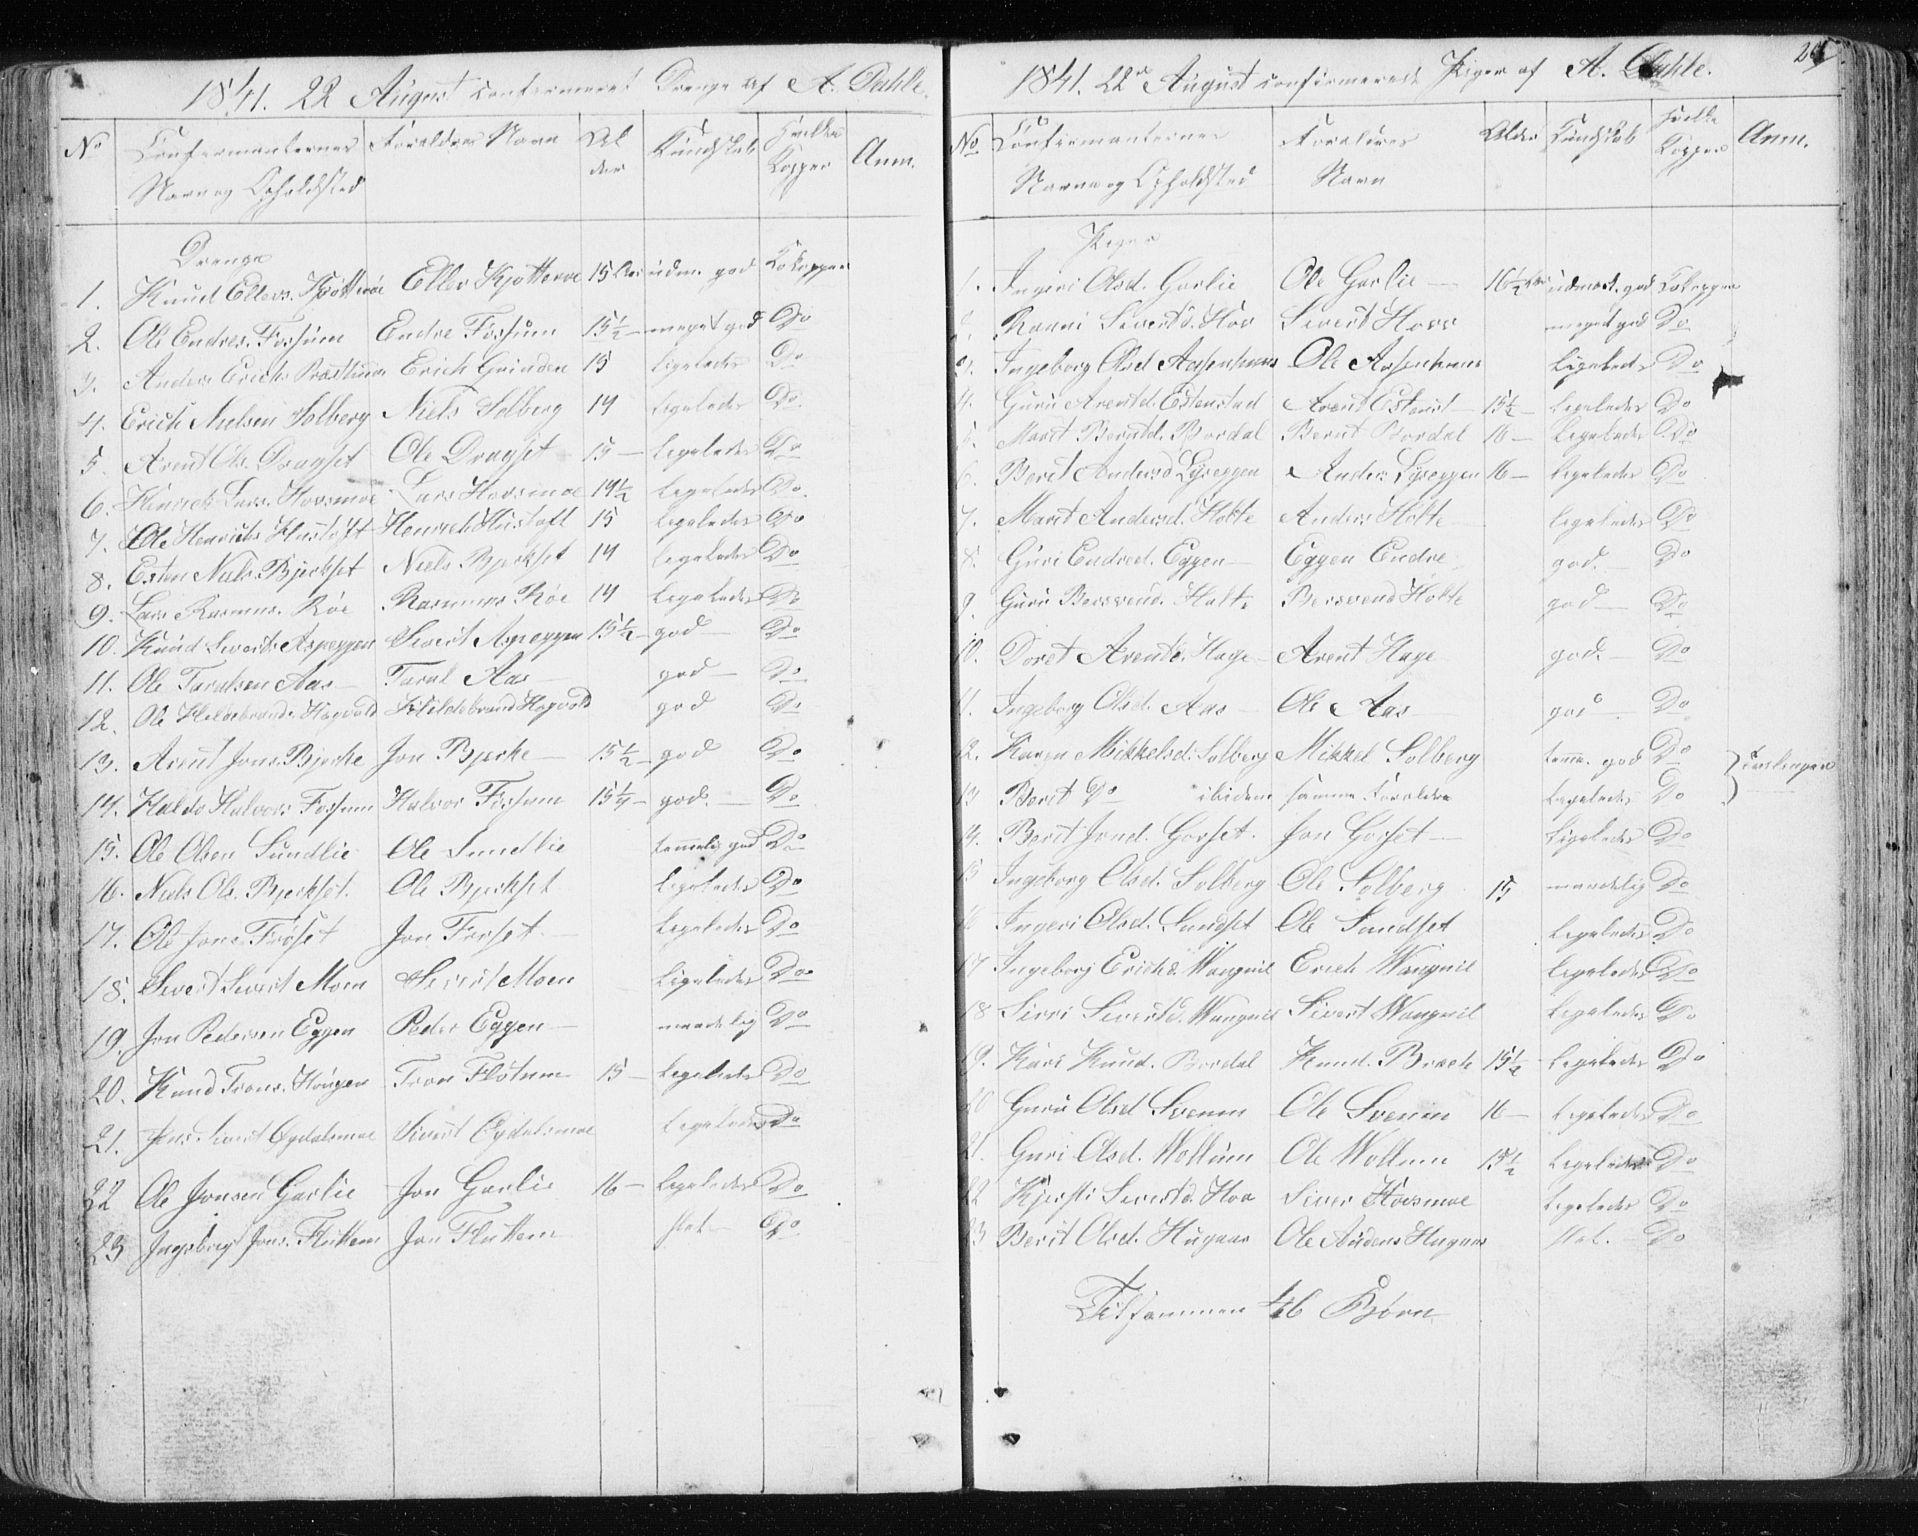 SAT, Ministerialprotokoller, klokkerbøker og fødselsregistre - Sør-Trøndelag, 689/L1043: Klokkerbok nr. 689C02, 1816-1892, s. 264